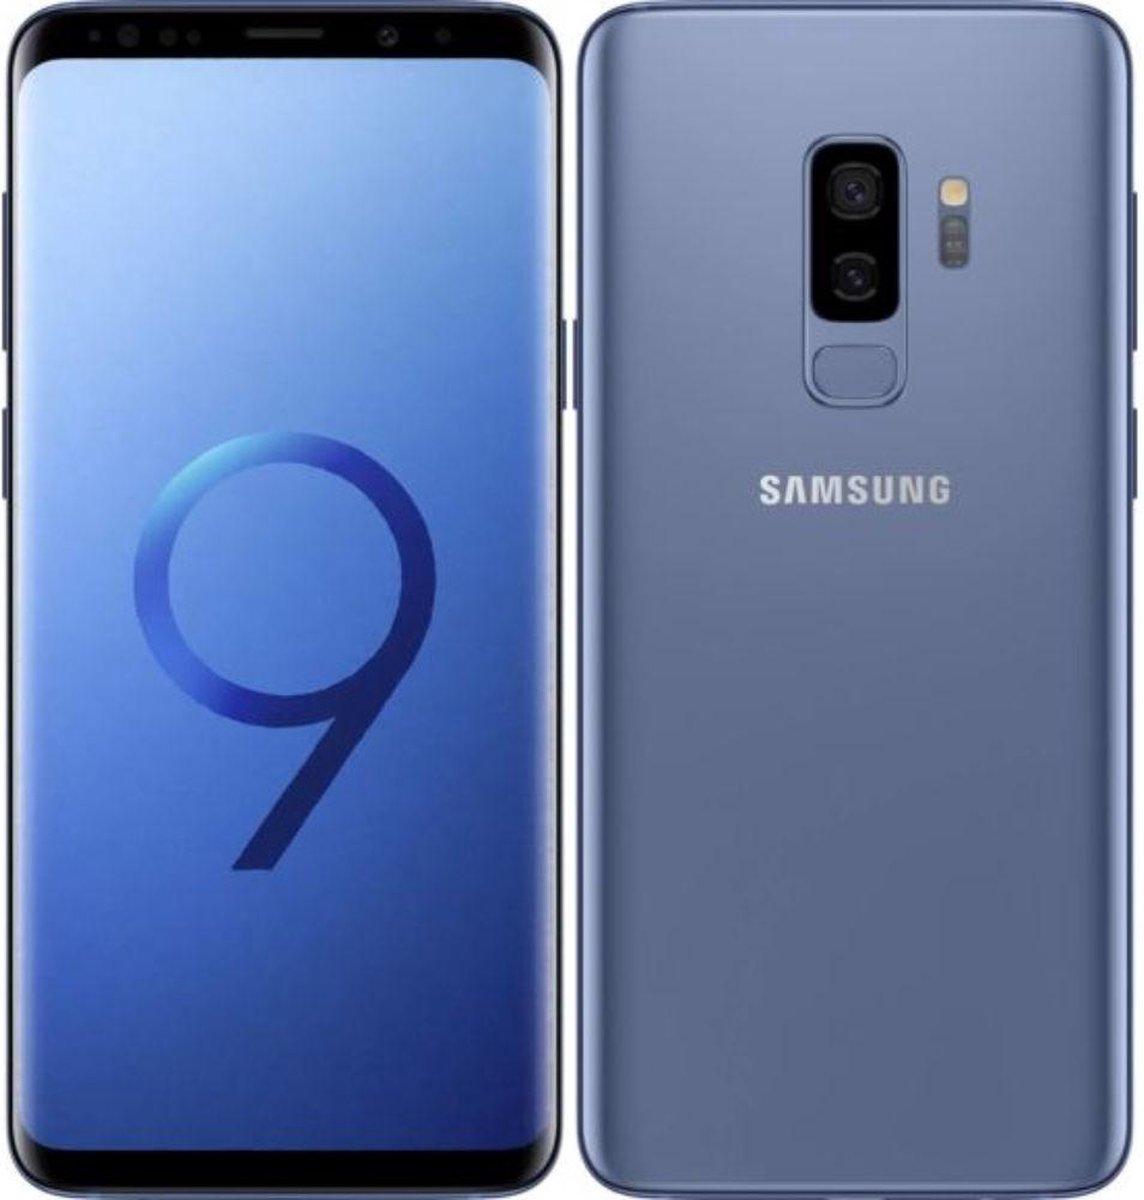 Samsung Galaxy S9+ Duo - Alloccaz Refurbished - C grade (Zichtbaar gebruikt) - 64GB - Blauw